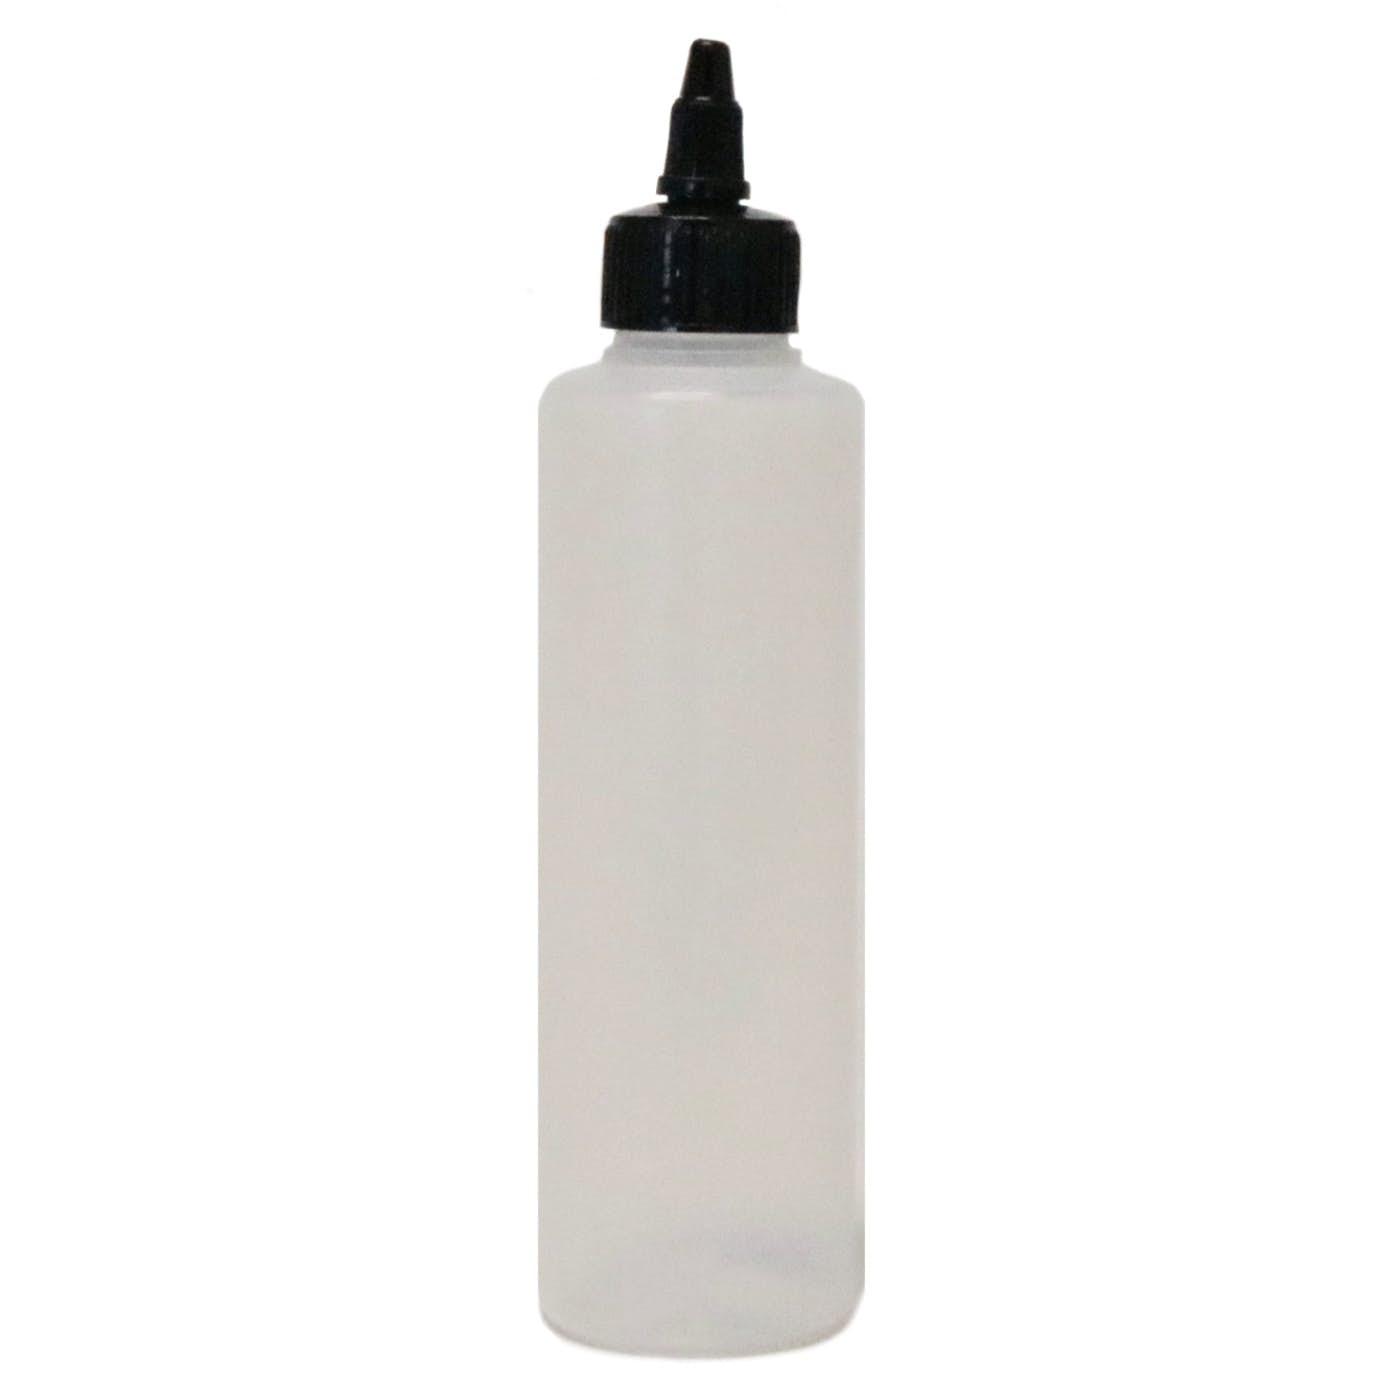 CLEAR PLASTIC BOTTLE 250ML